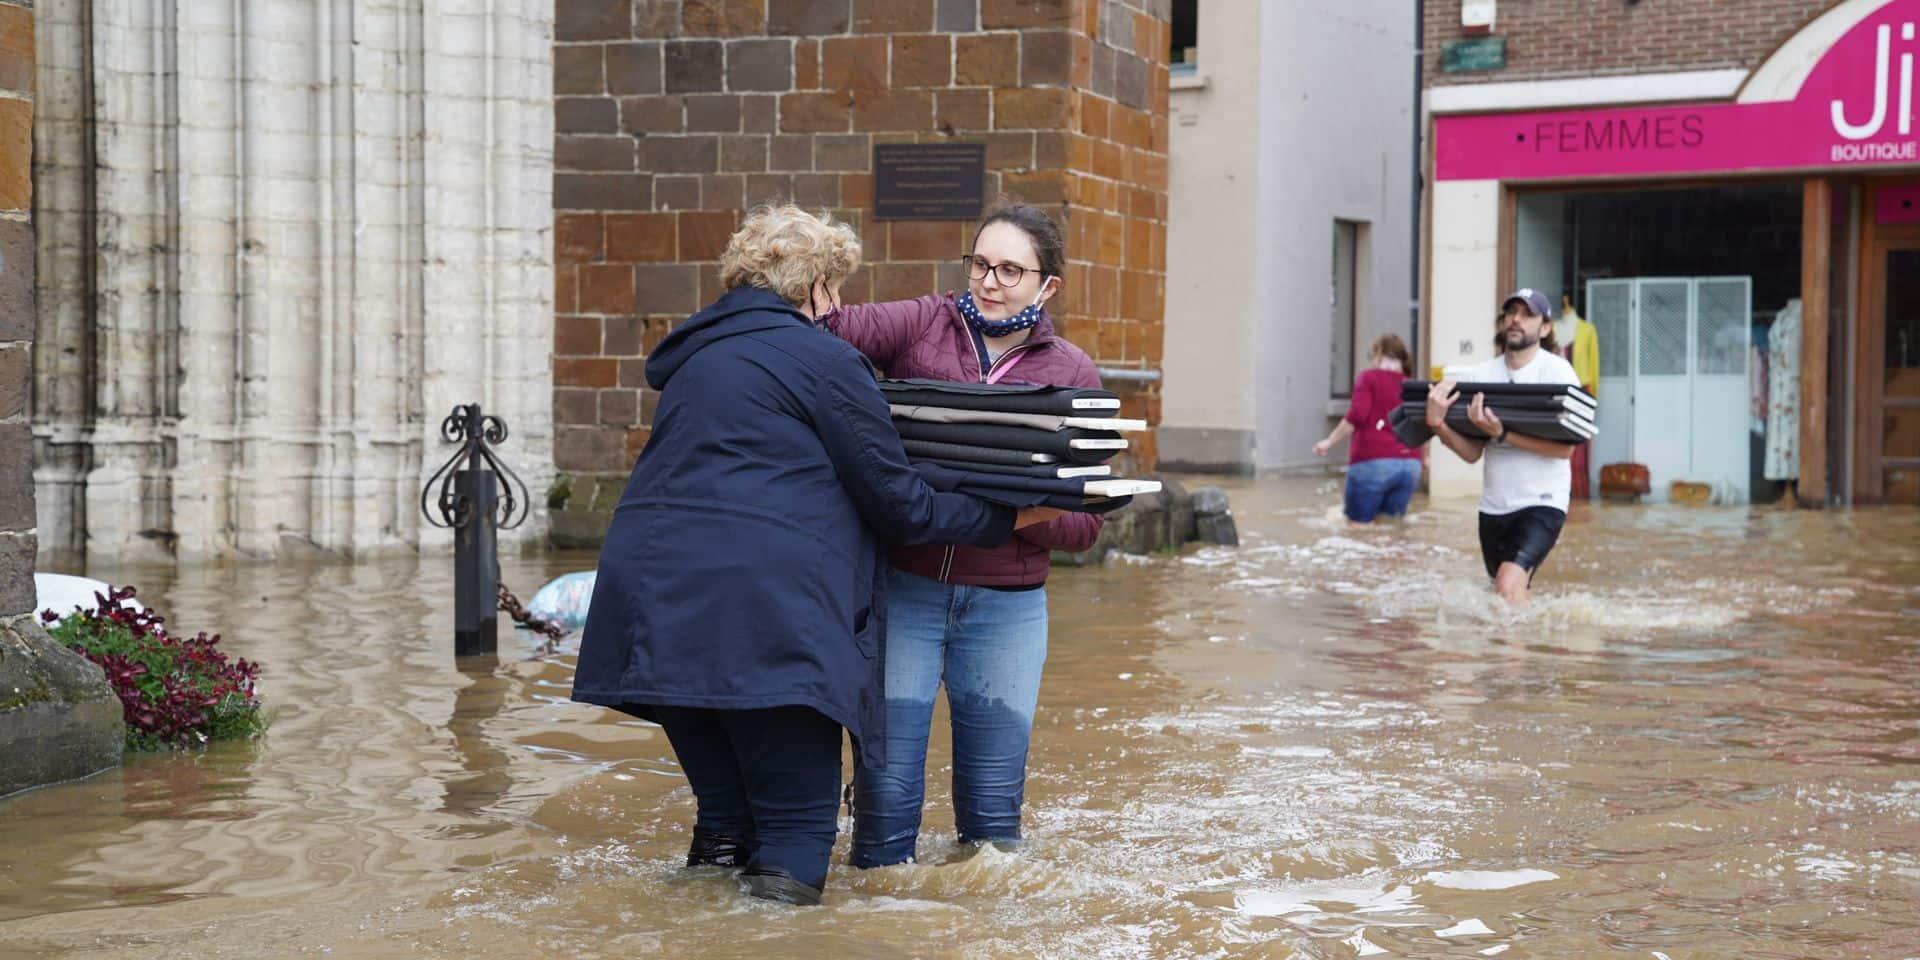 La belle chaîne humaine pour évacuer les articles d'un magasin inondé à Wavre